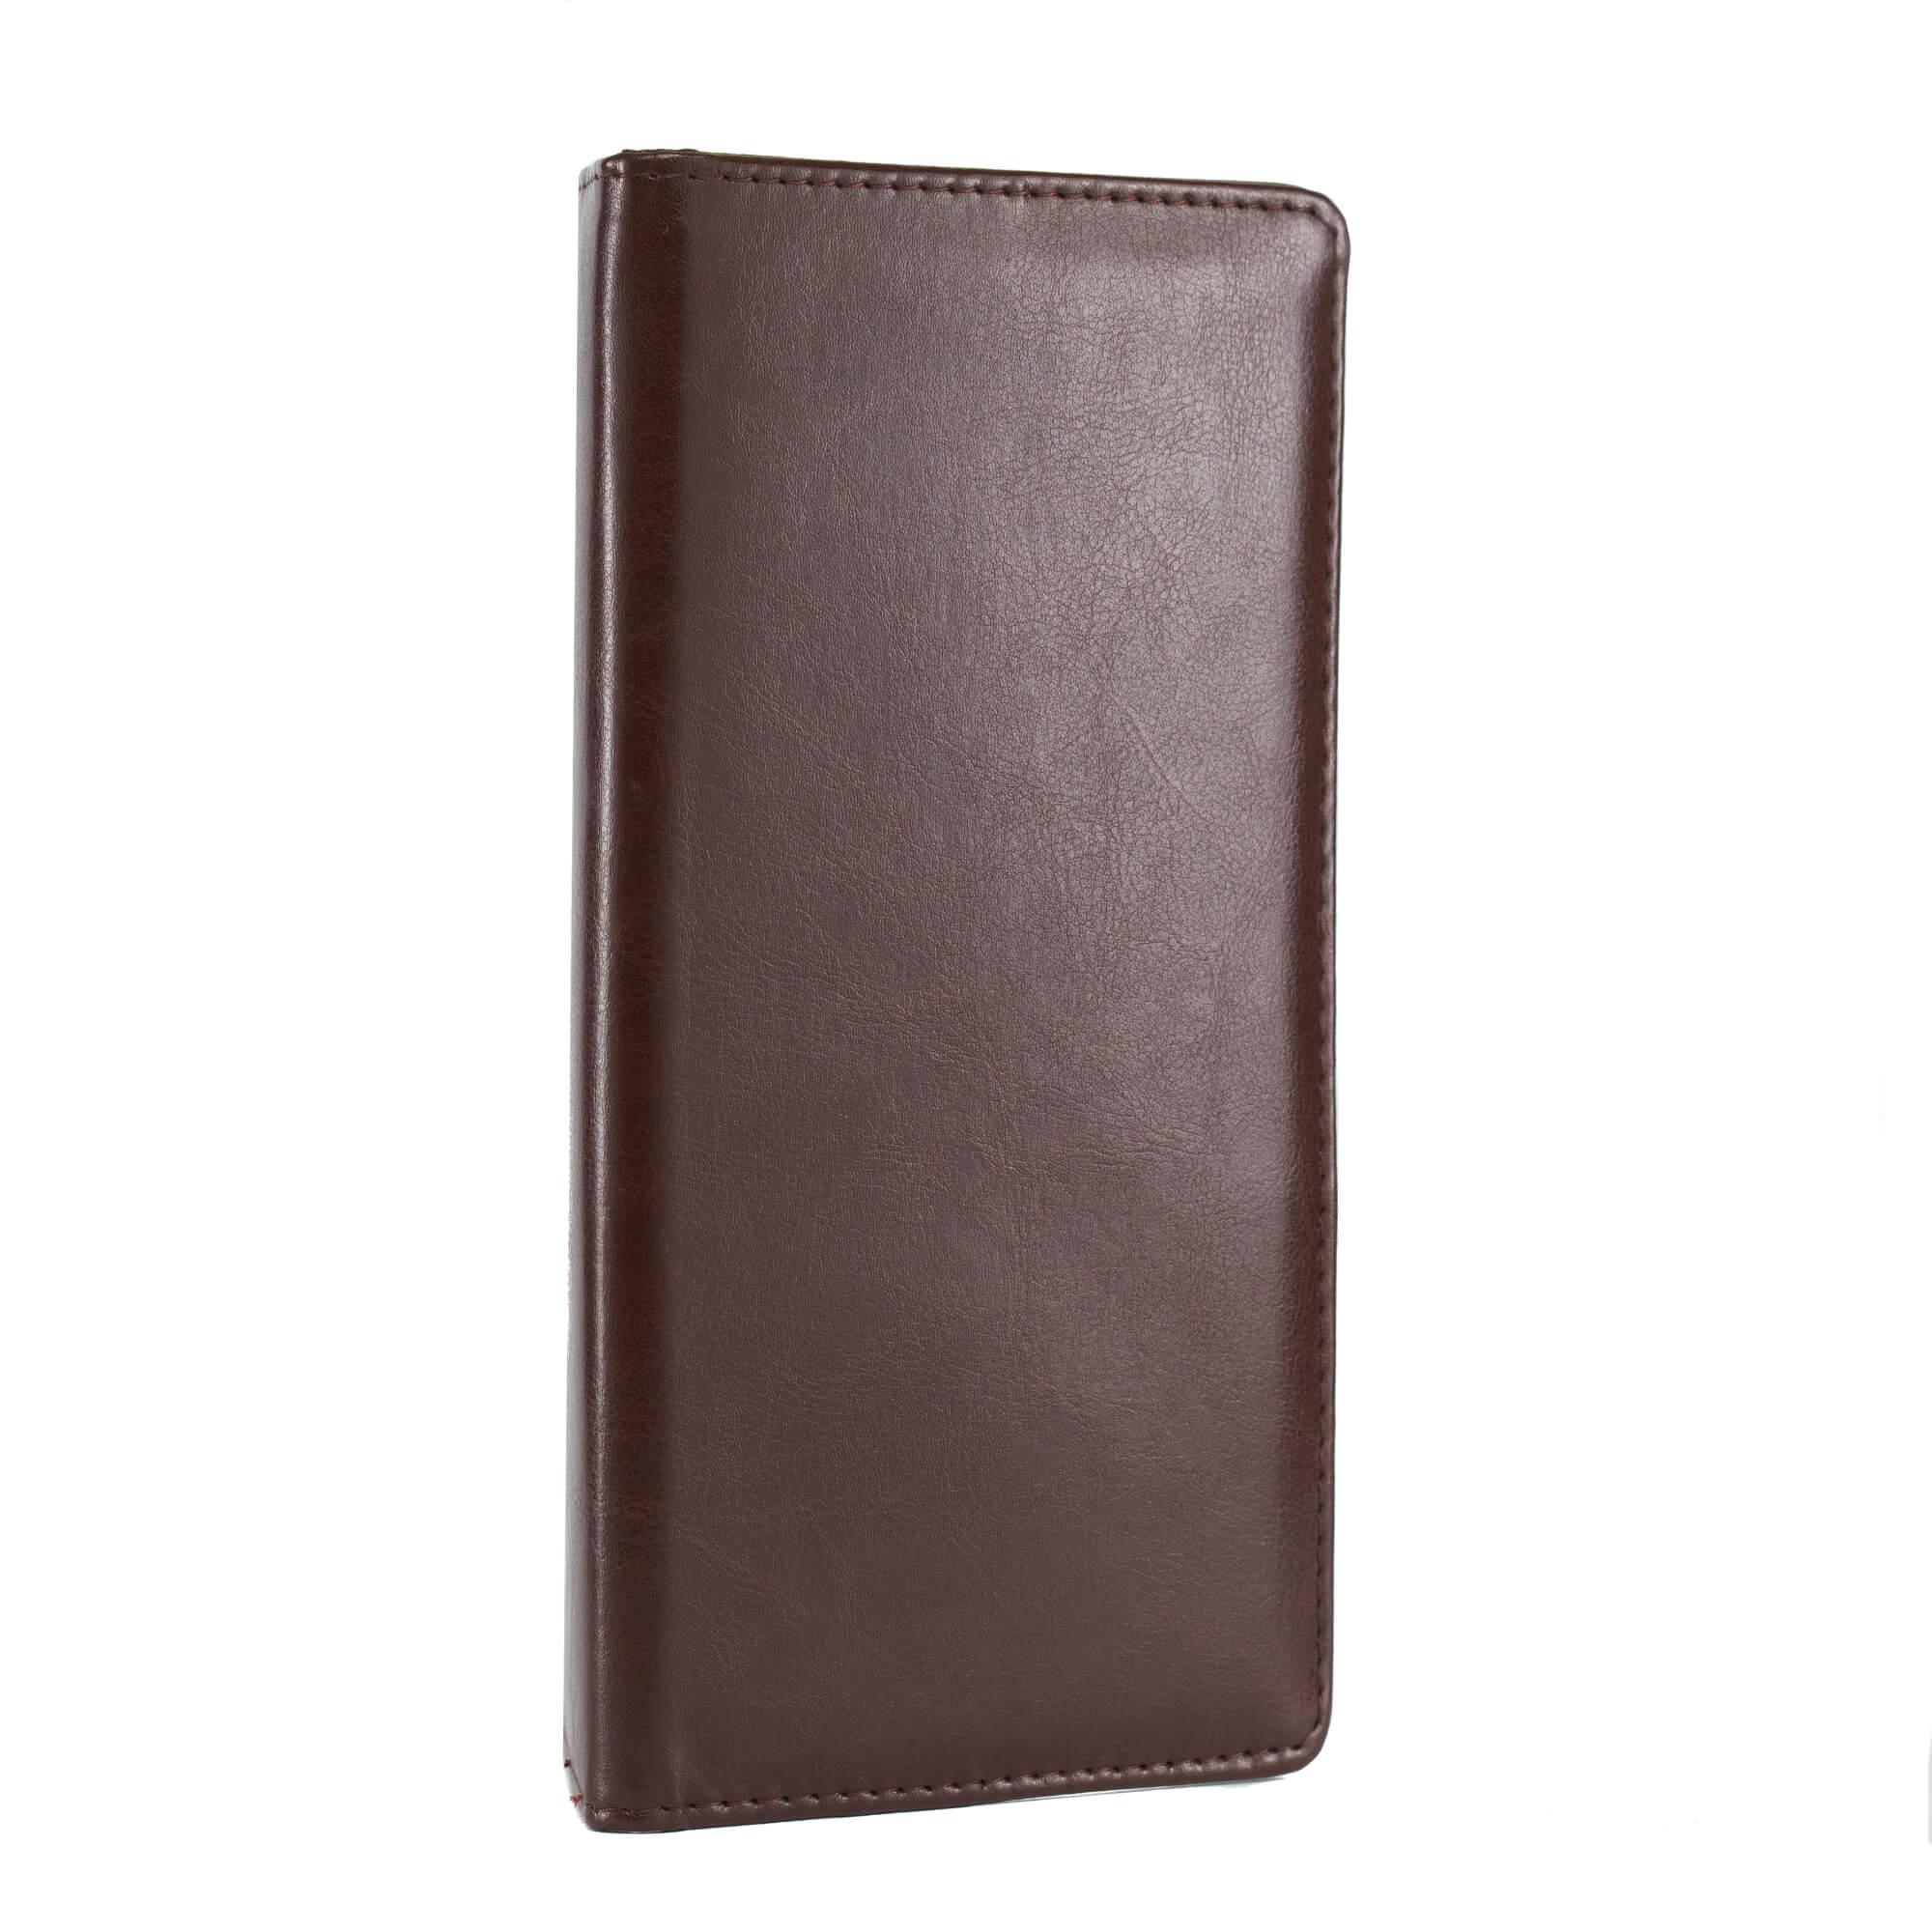 Csokibarna fizetőmappa, csáró, mágnessel 2